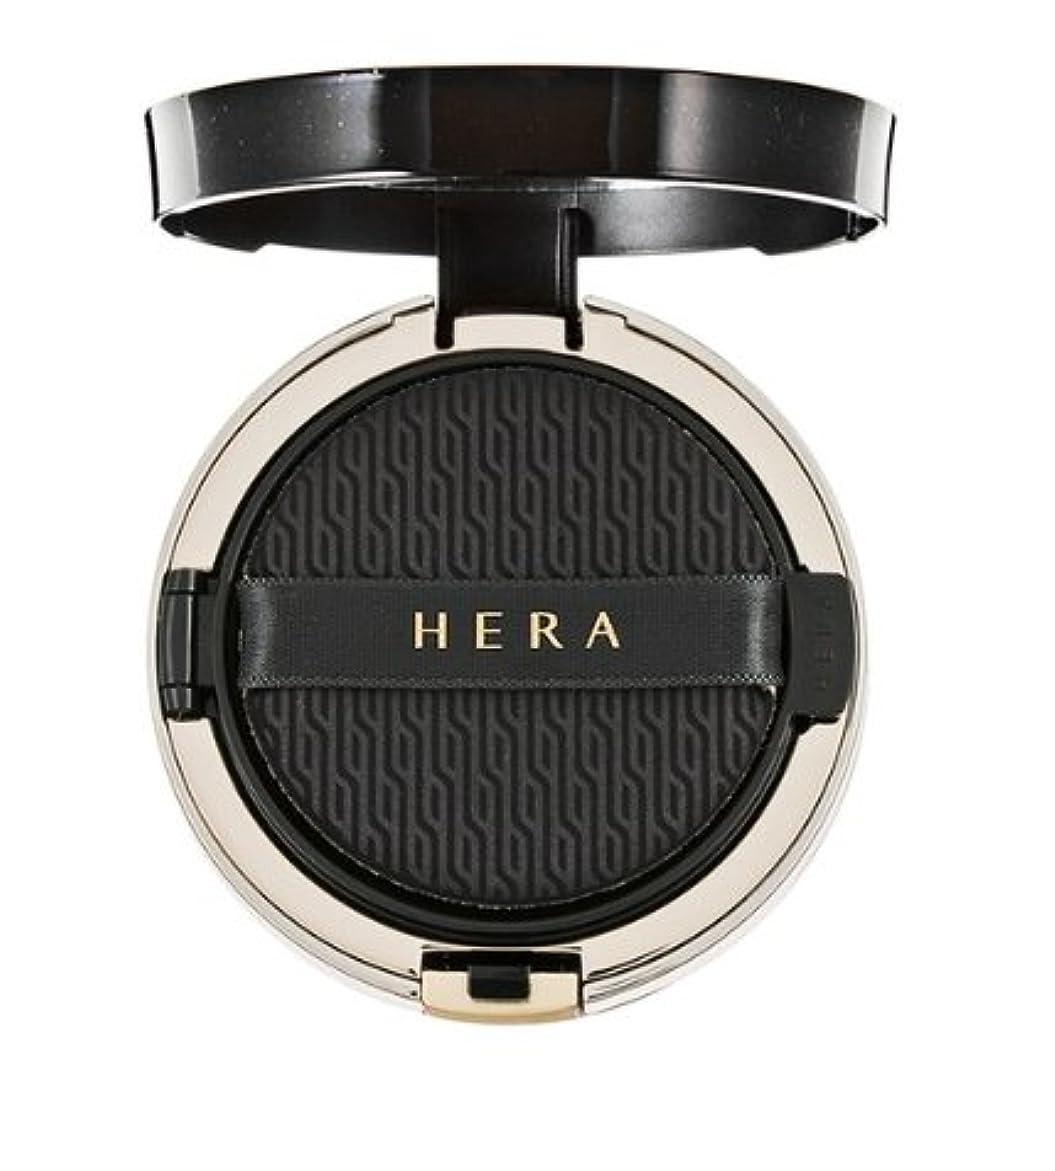 ベリー地平線愚かな(ヘラ) Hera ブラッククッション SPF34/PA++ 本品15g+リフィール15g / Black Cushion SPF34/PA++ 15g+Refil15g (No.23 Beige) (韓国直発送) shumaman